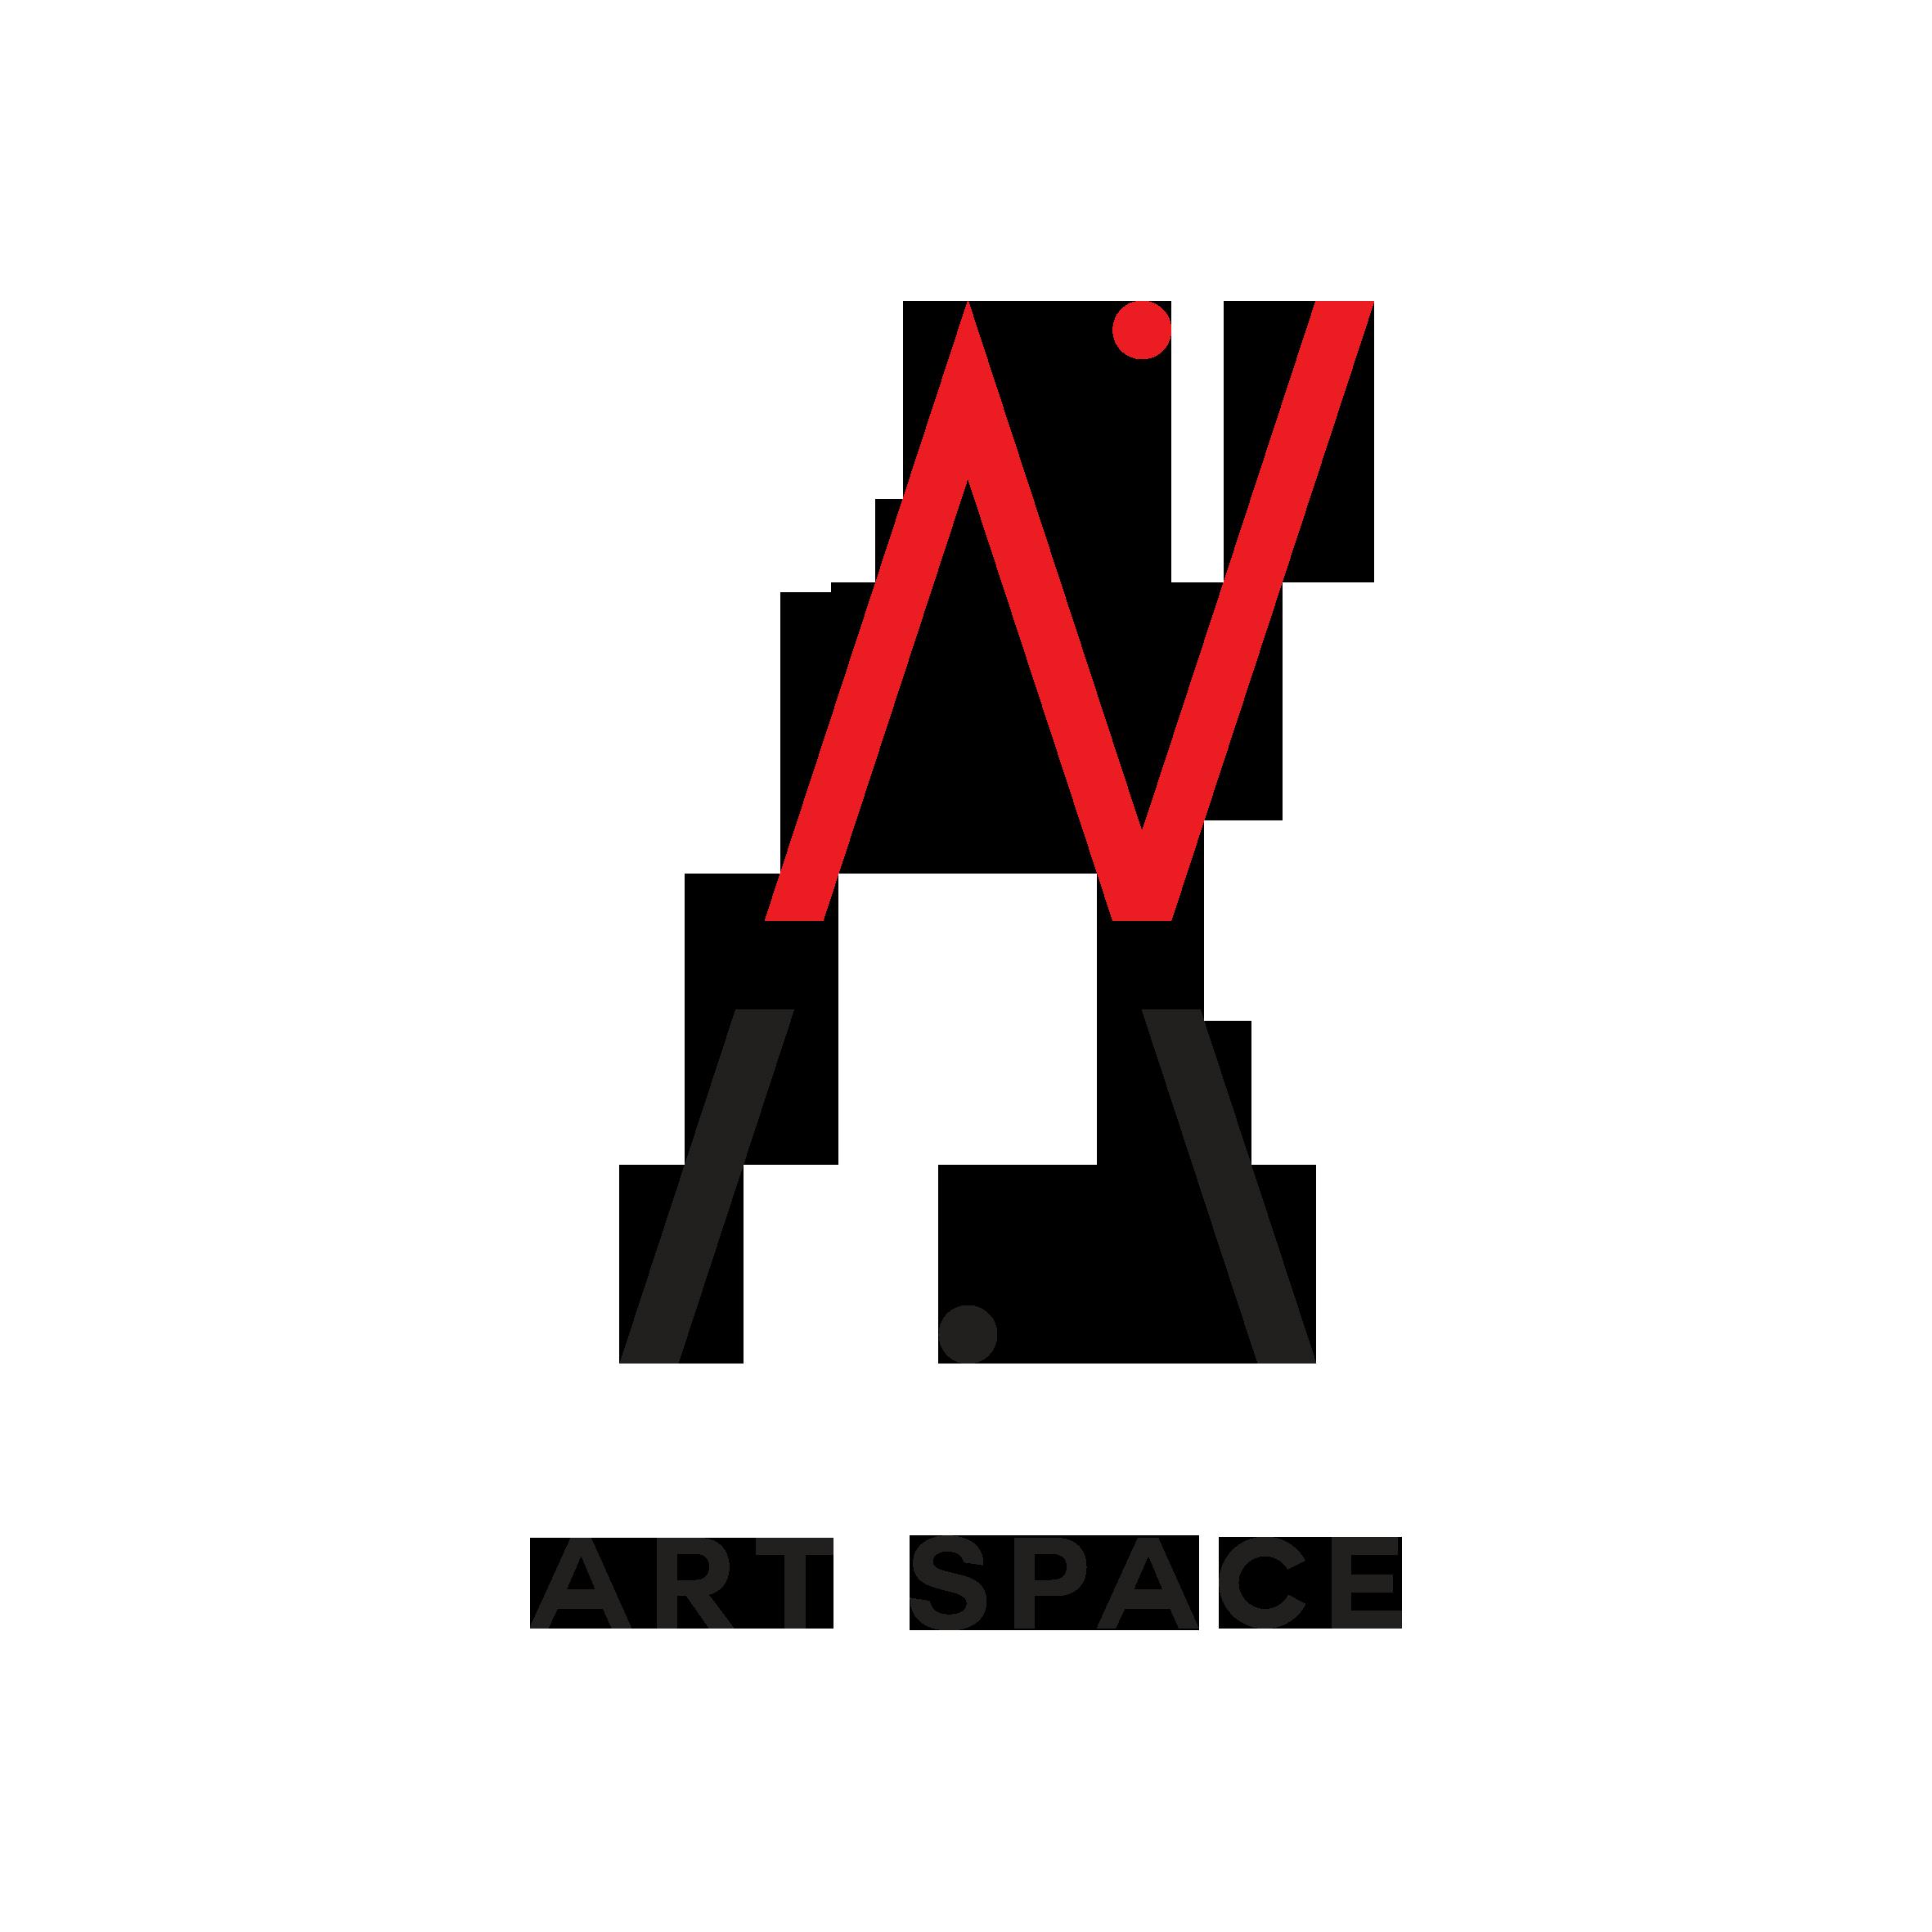 ATTA 'N' ATTA Art Space